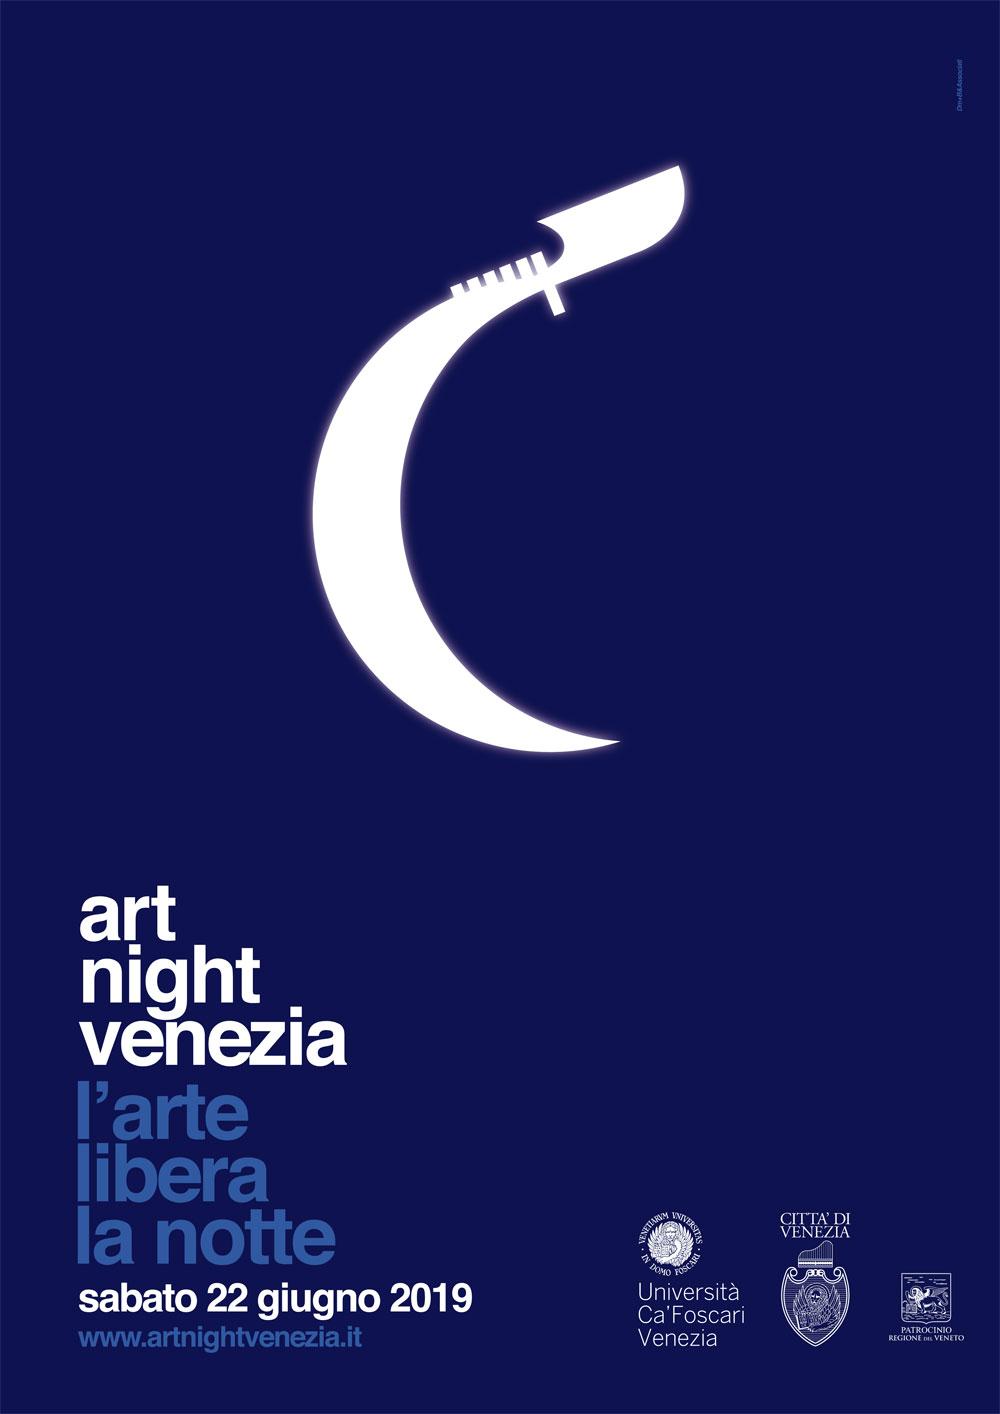 Sabato 22 giugno 2019 la nona edizione dell'Art Night Venezia